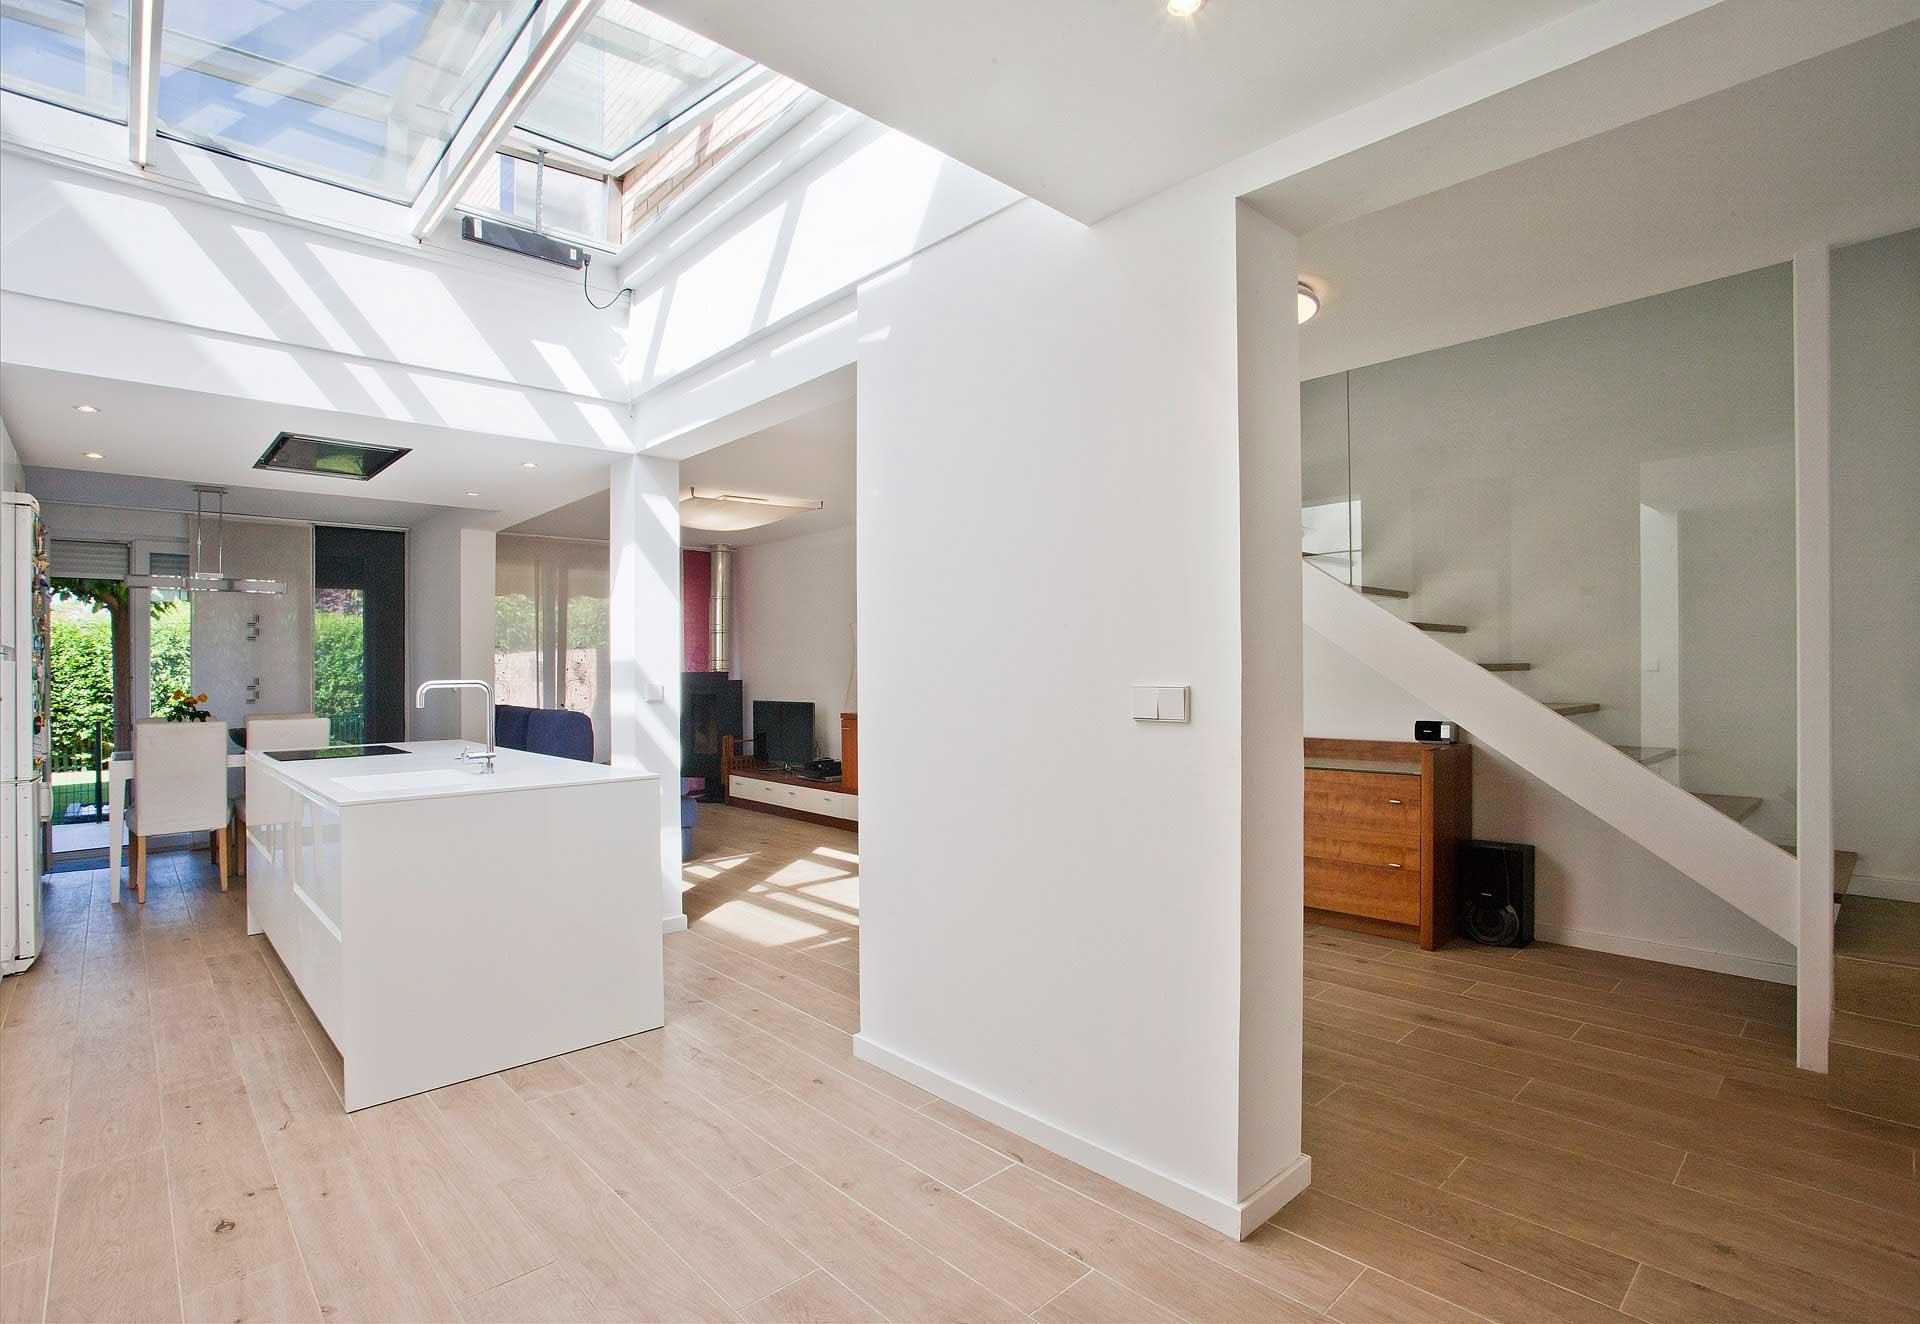 Cuanto cuesta reformar un piso amazing reforma de bao con for Cuanto cuesta reforma integral vivienda